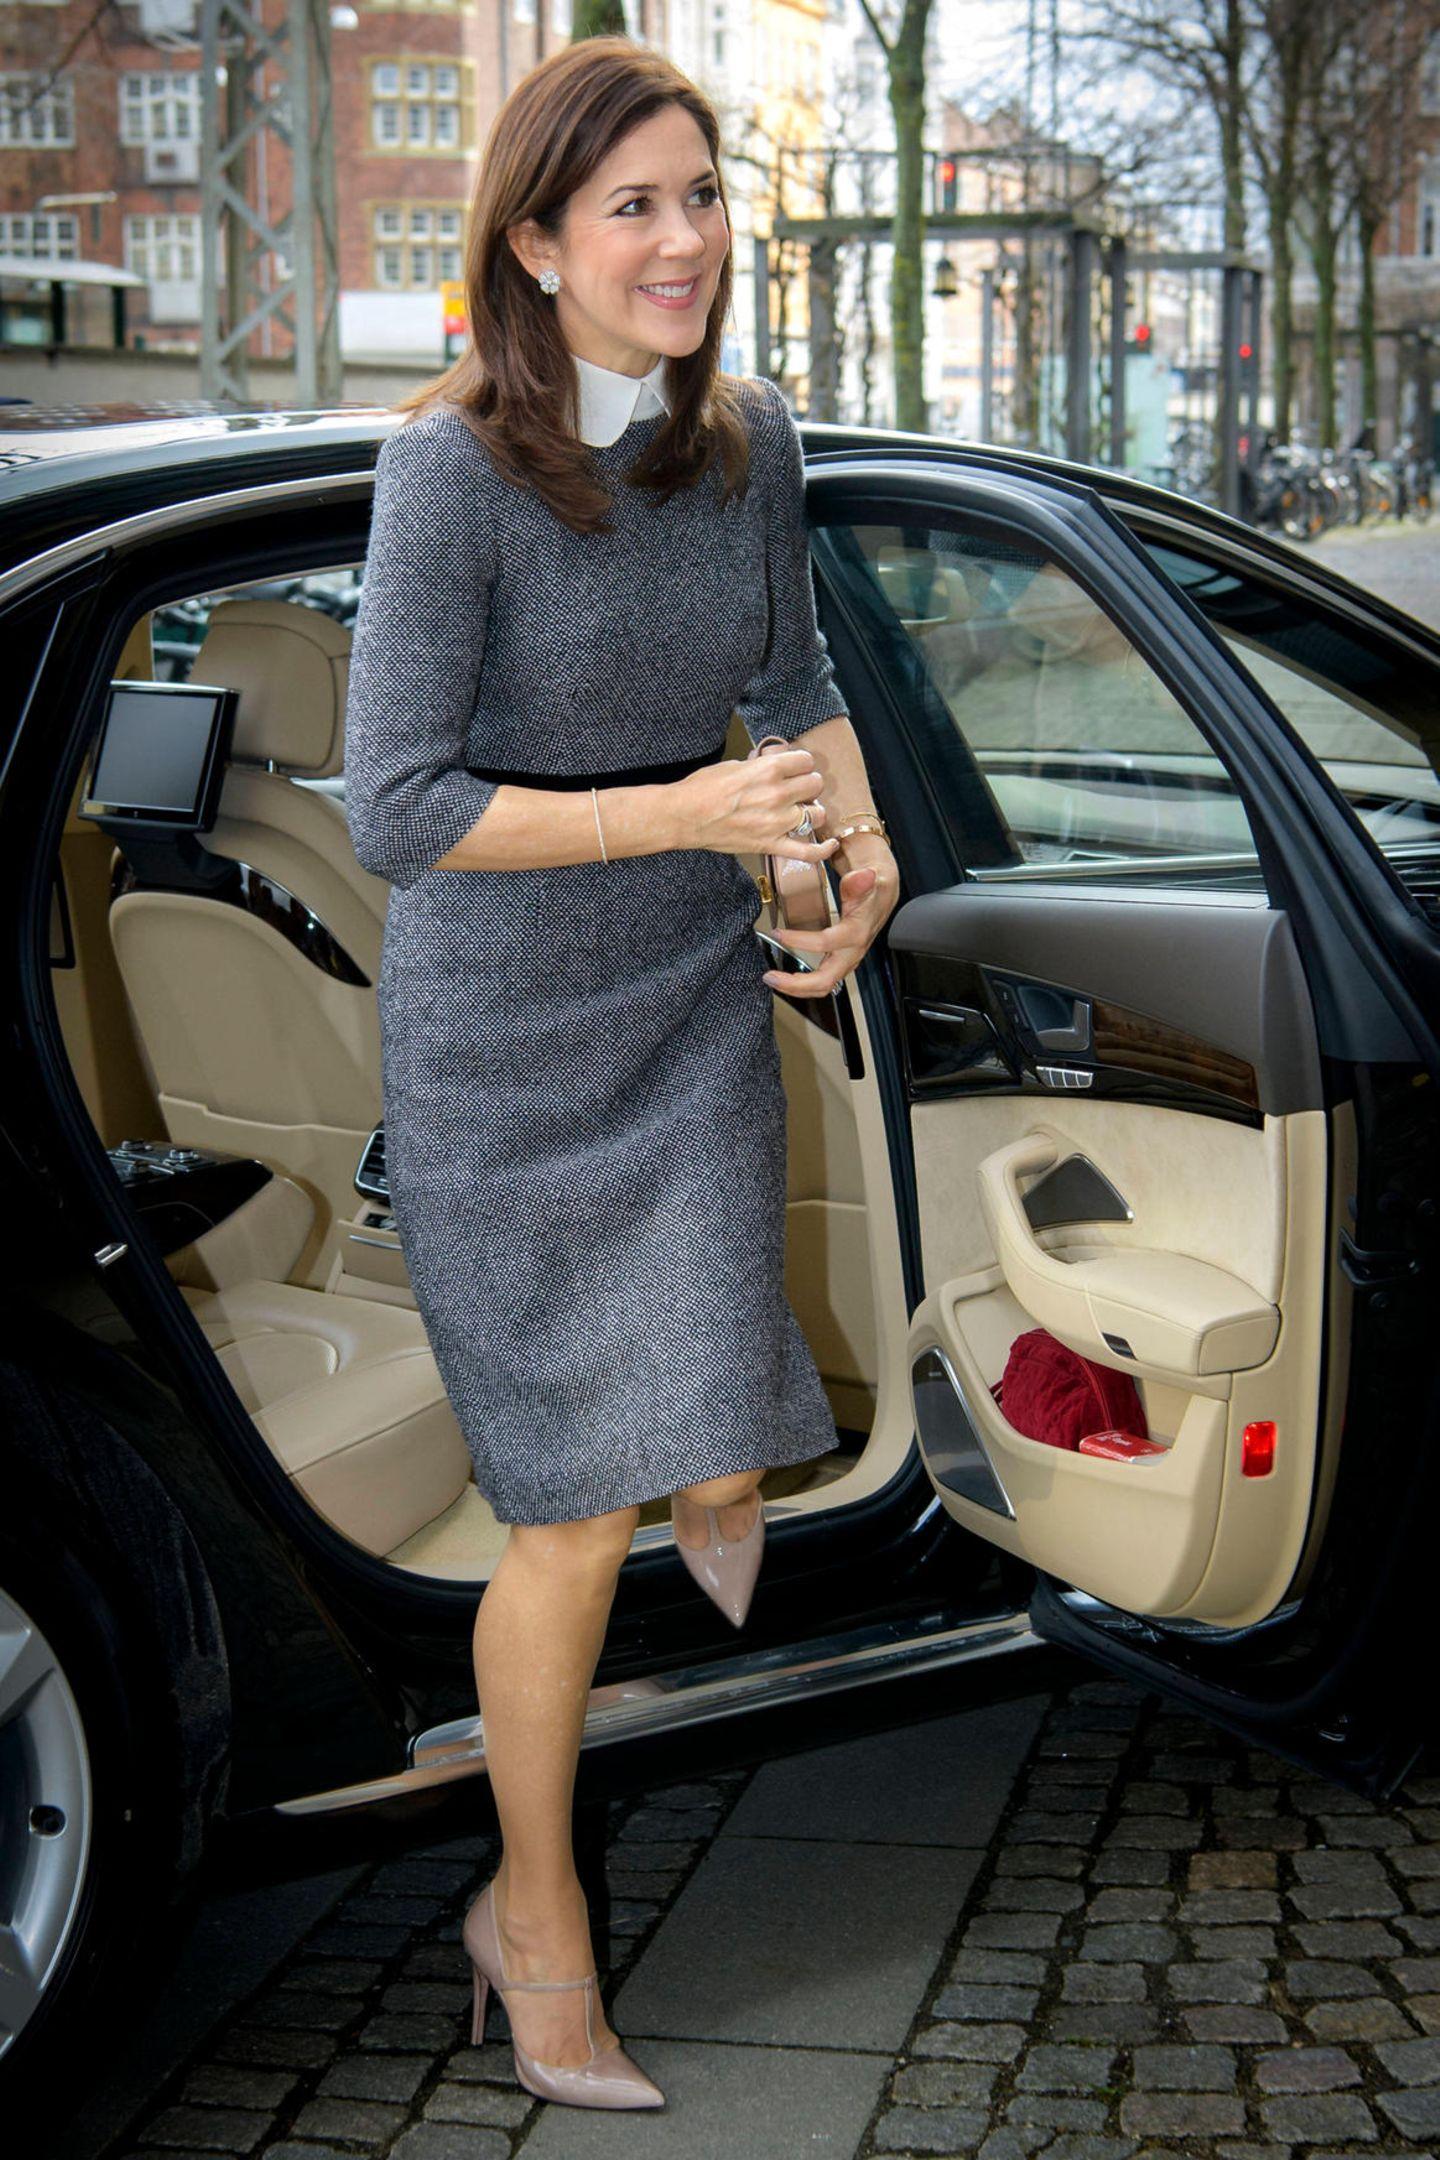 Prinzessin Mary ist für ihre Stilsicherheit bekannt. Bei ihrem Besuch der Universität von Kopenhagen begeistert sie in einem grauen Kleid von Prada zu dem sie beige Lackpumps und eine passende Clutch kombiniert.